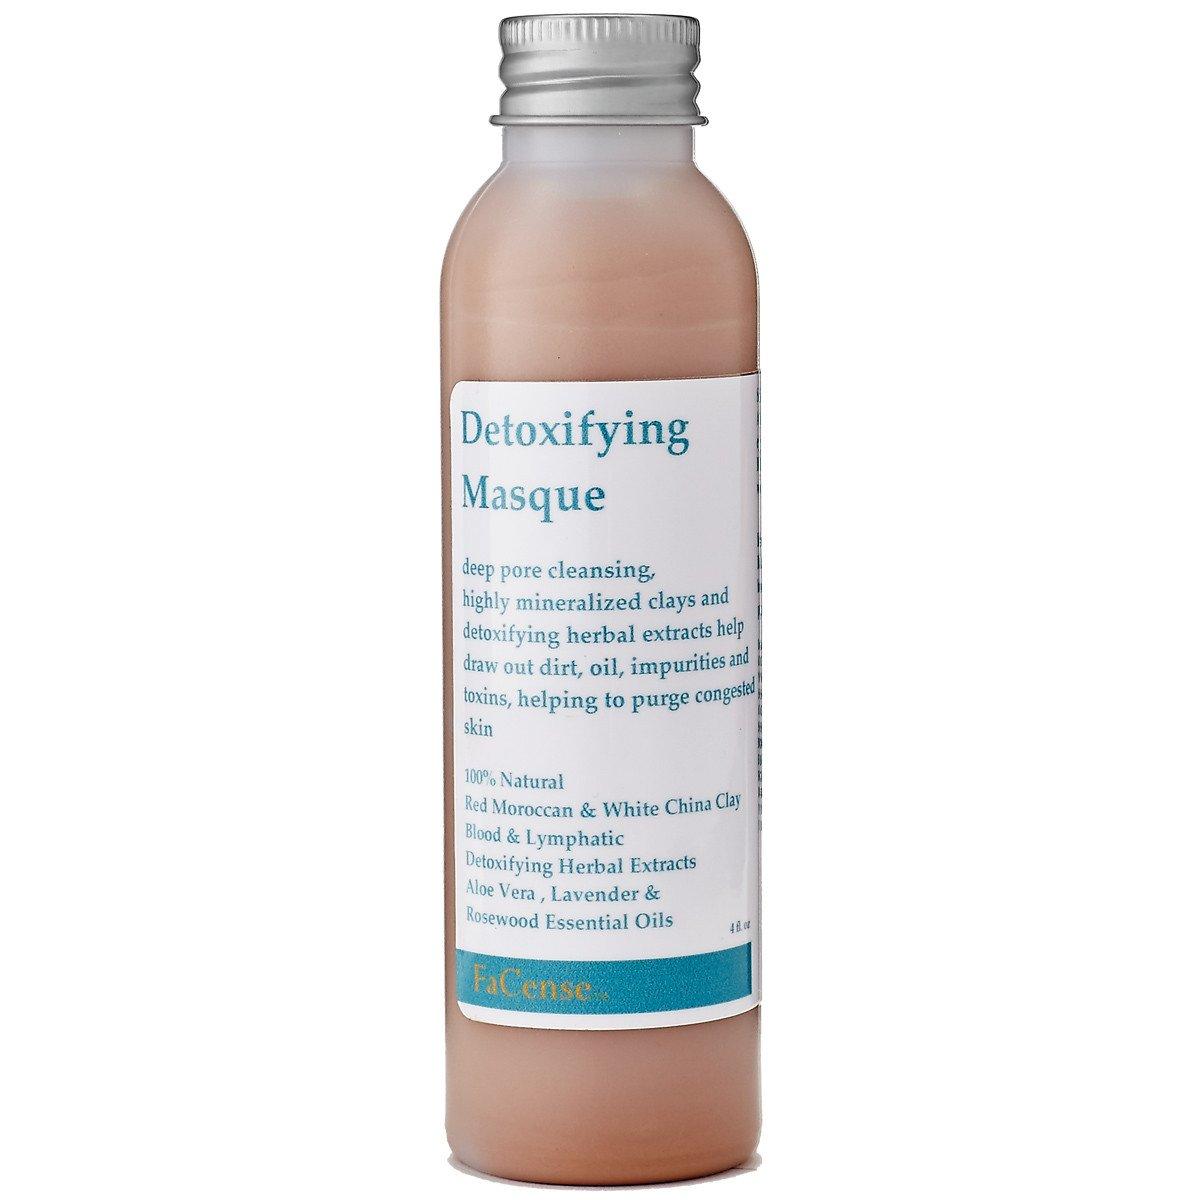 Detoxifying_Masque_09b2b81c-2730-4949-a481-9459e72caee9.jpg